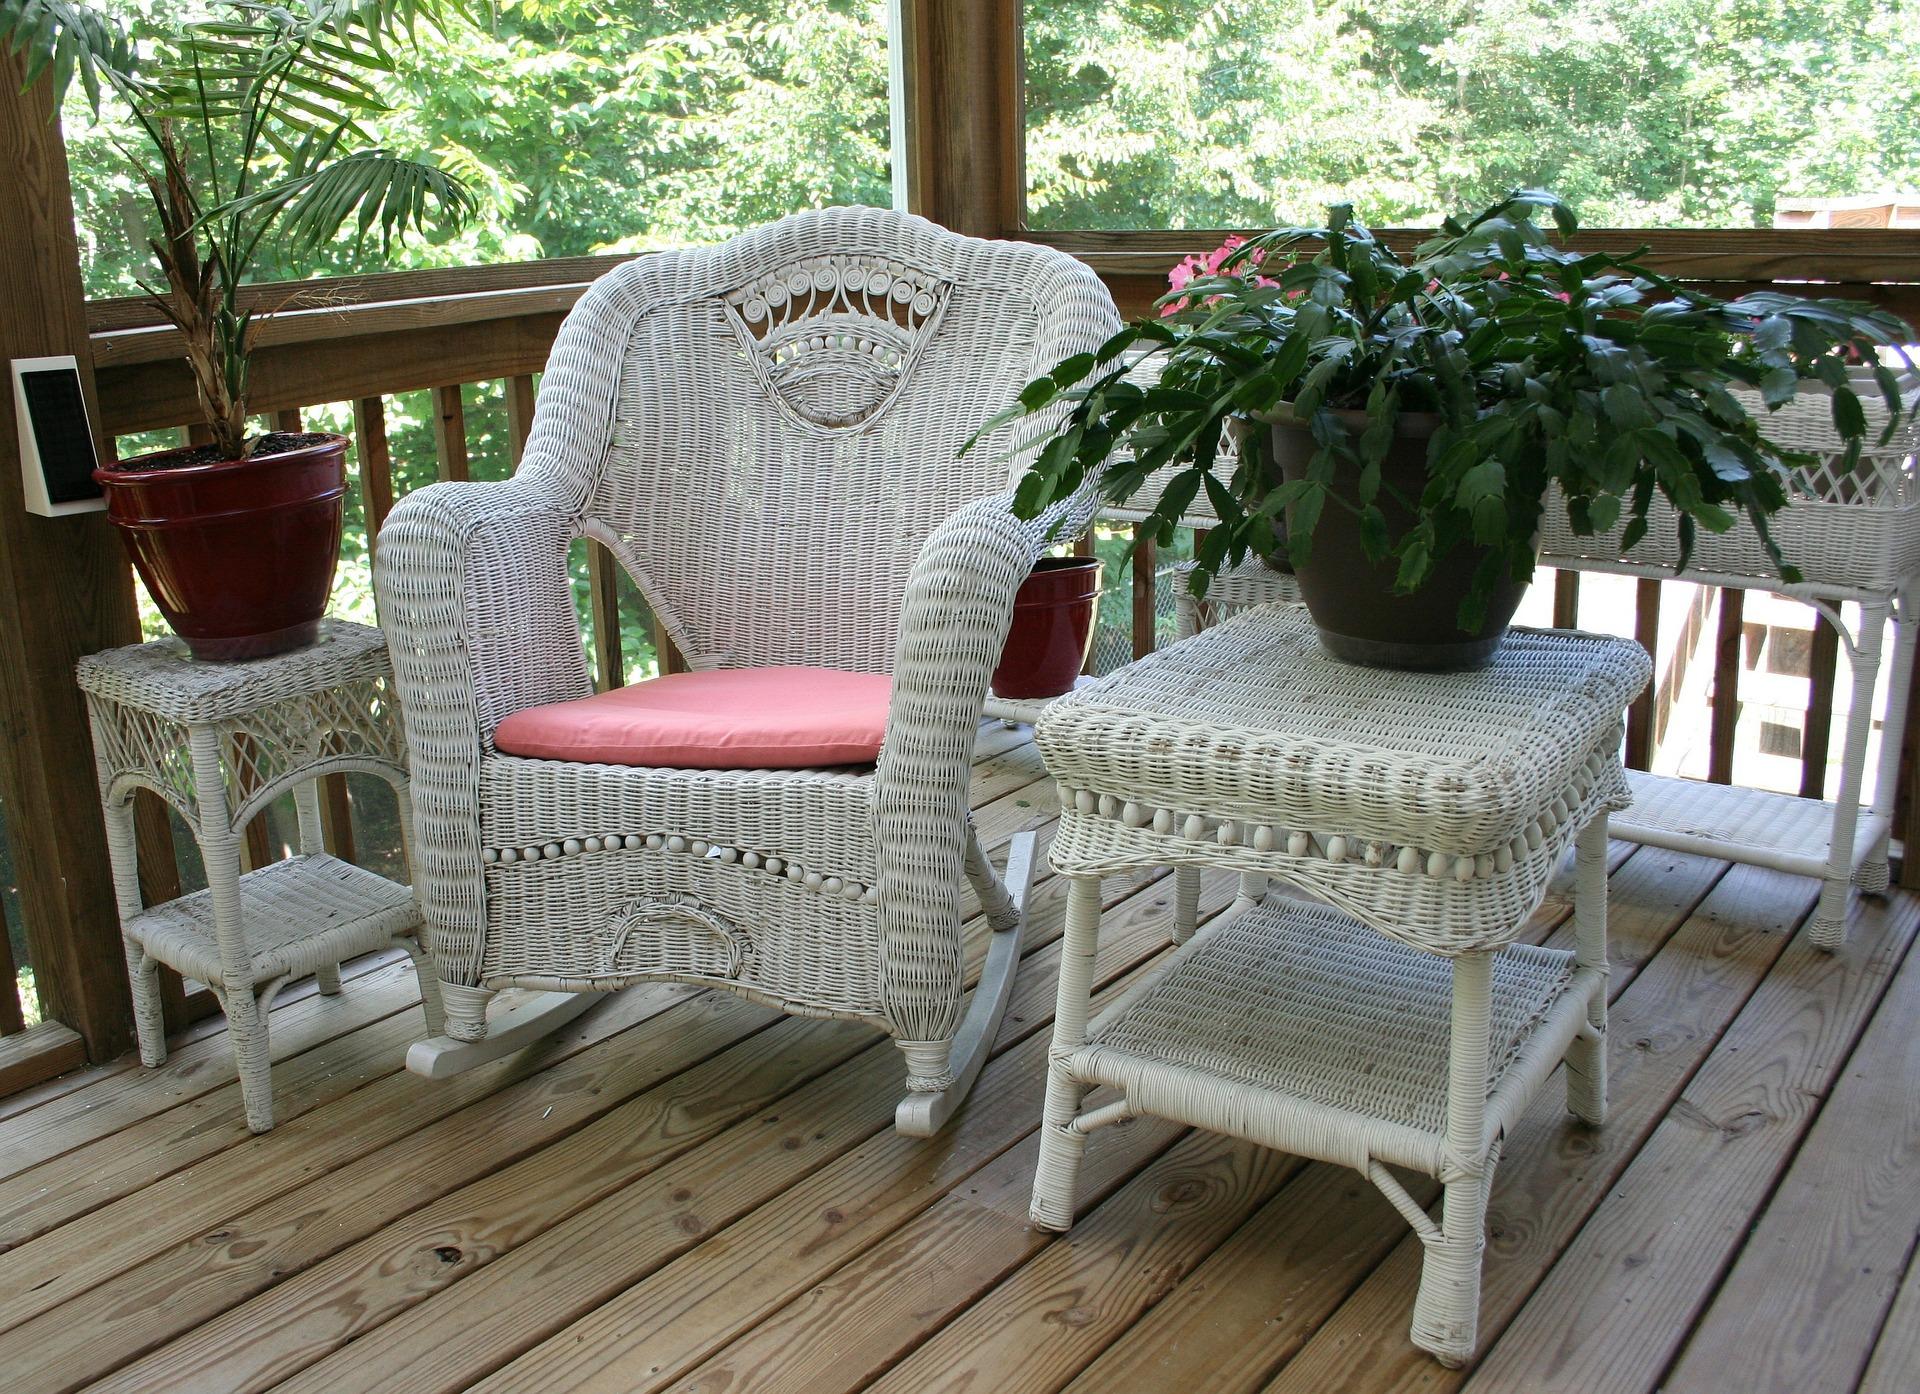 wicker-rocking-chair-50613_1920.jpg